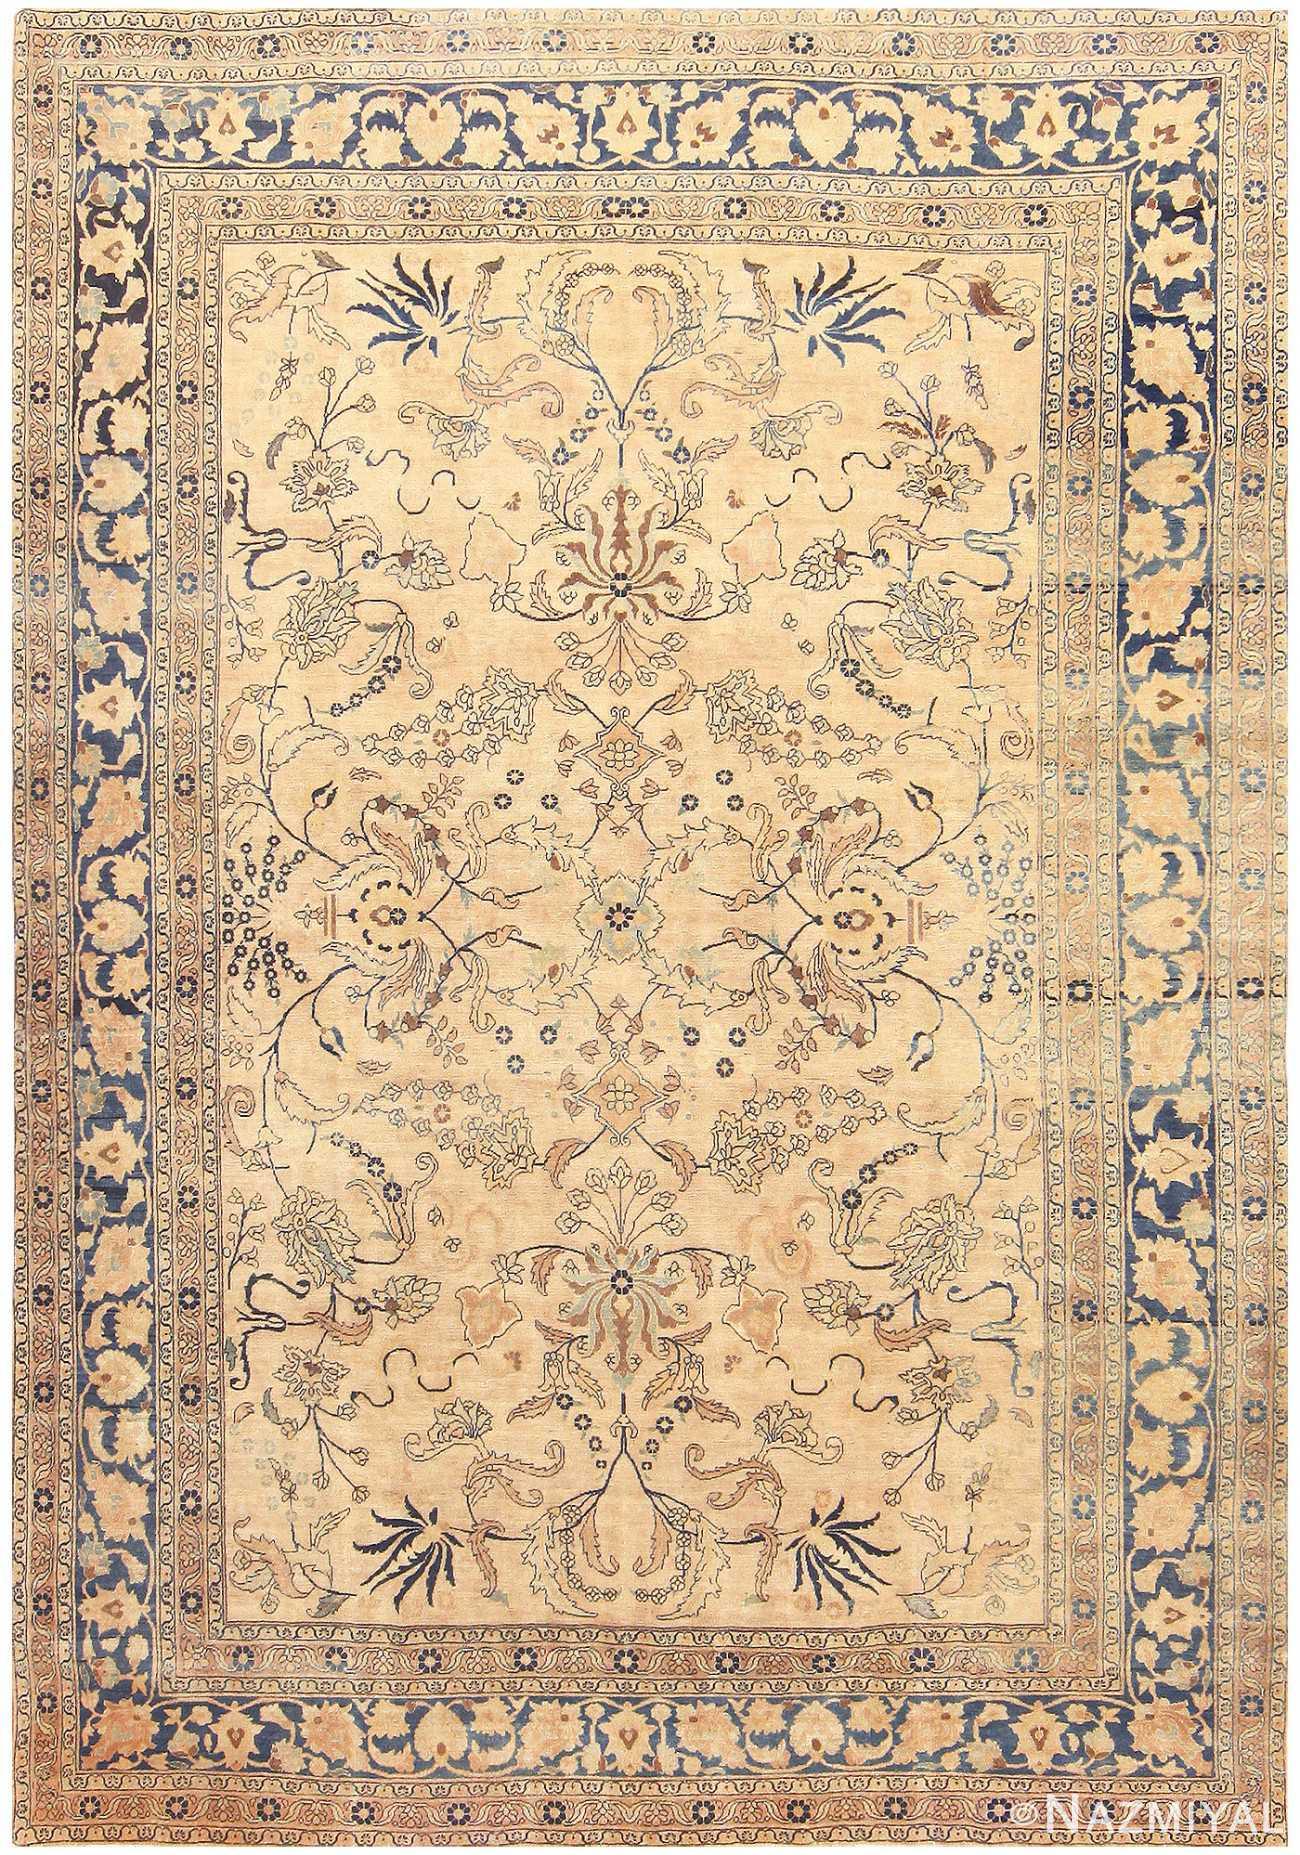 Antique Persian Khorassan Carpet 48224 Detail/Large View